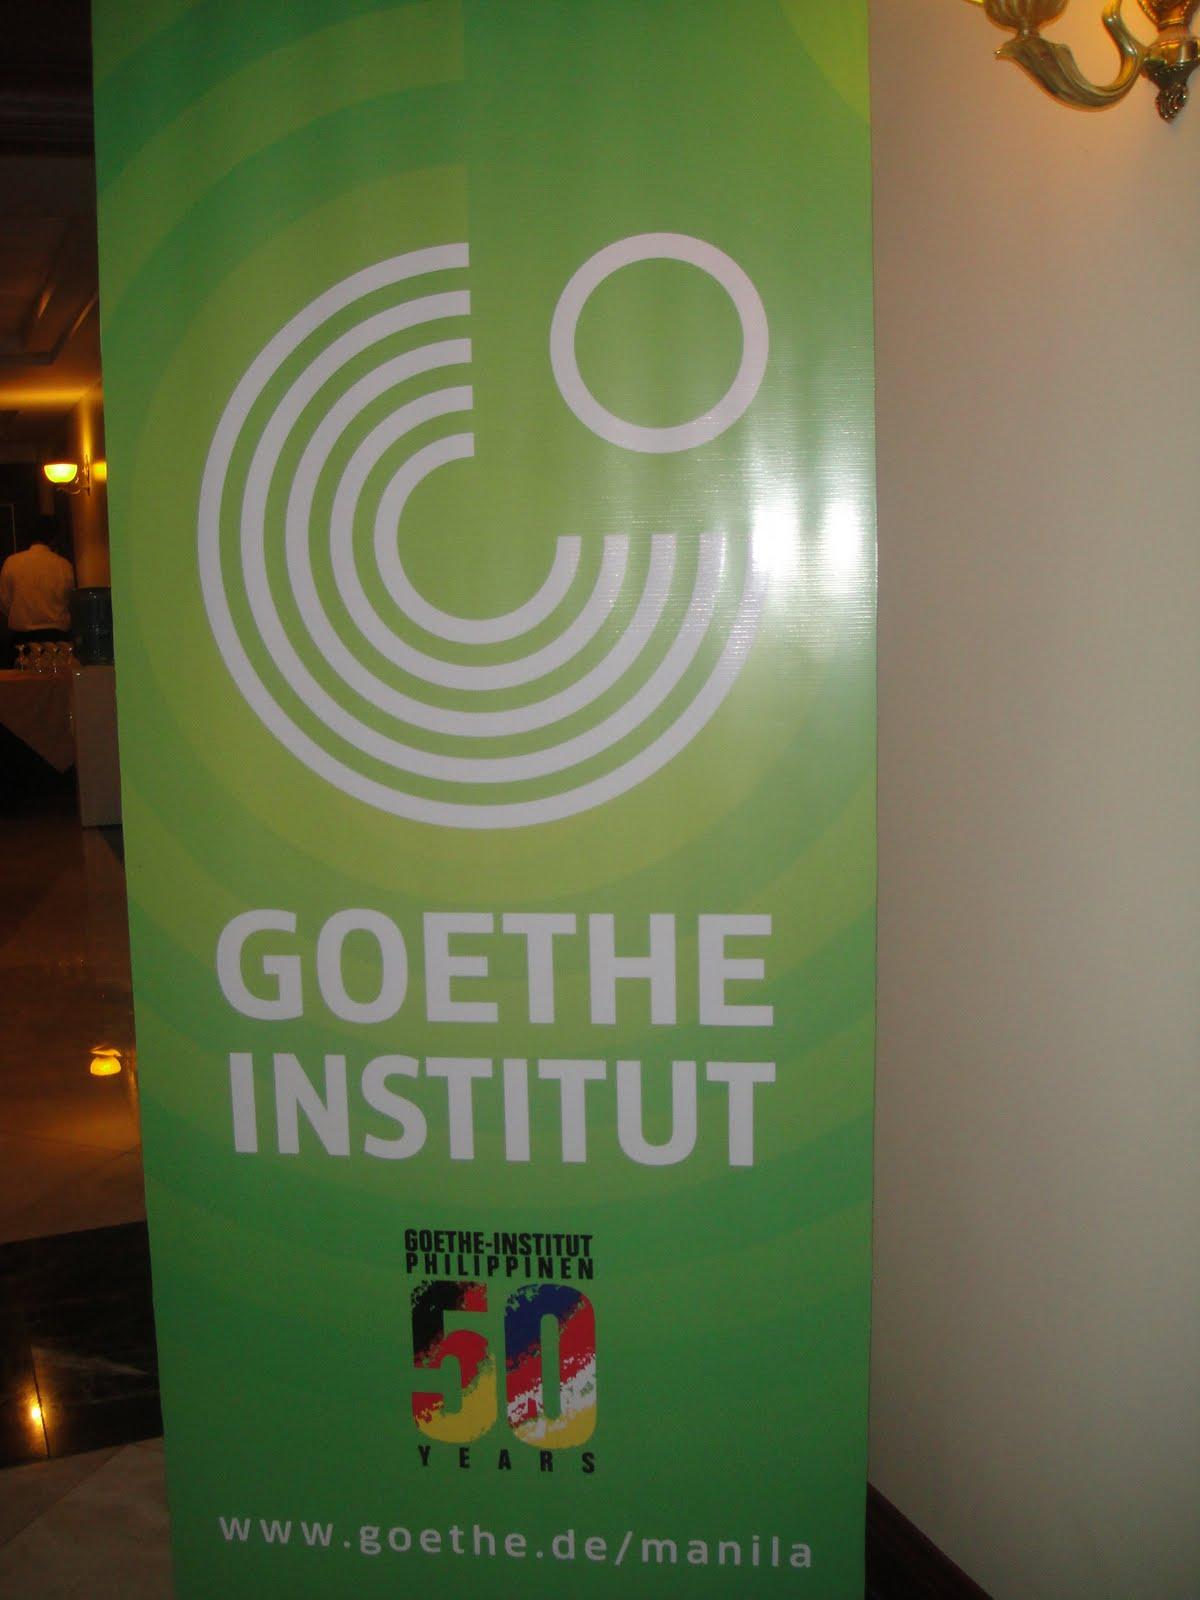 Goethe a1 exam registration